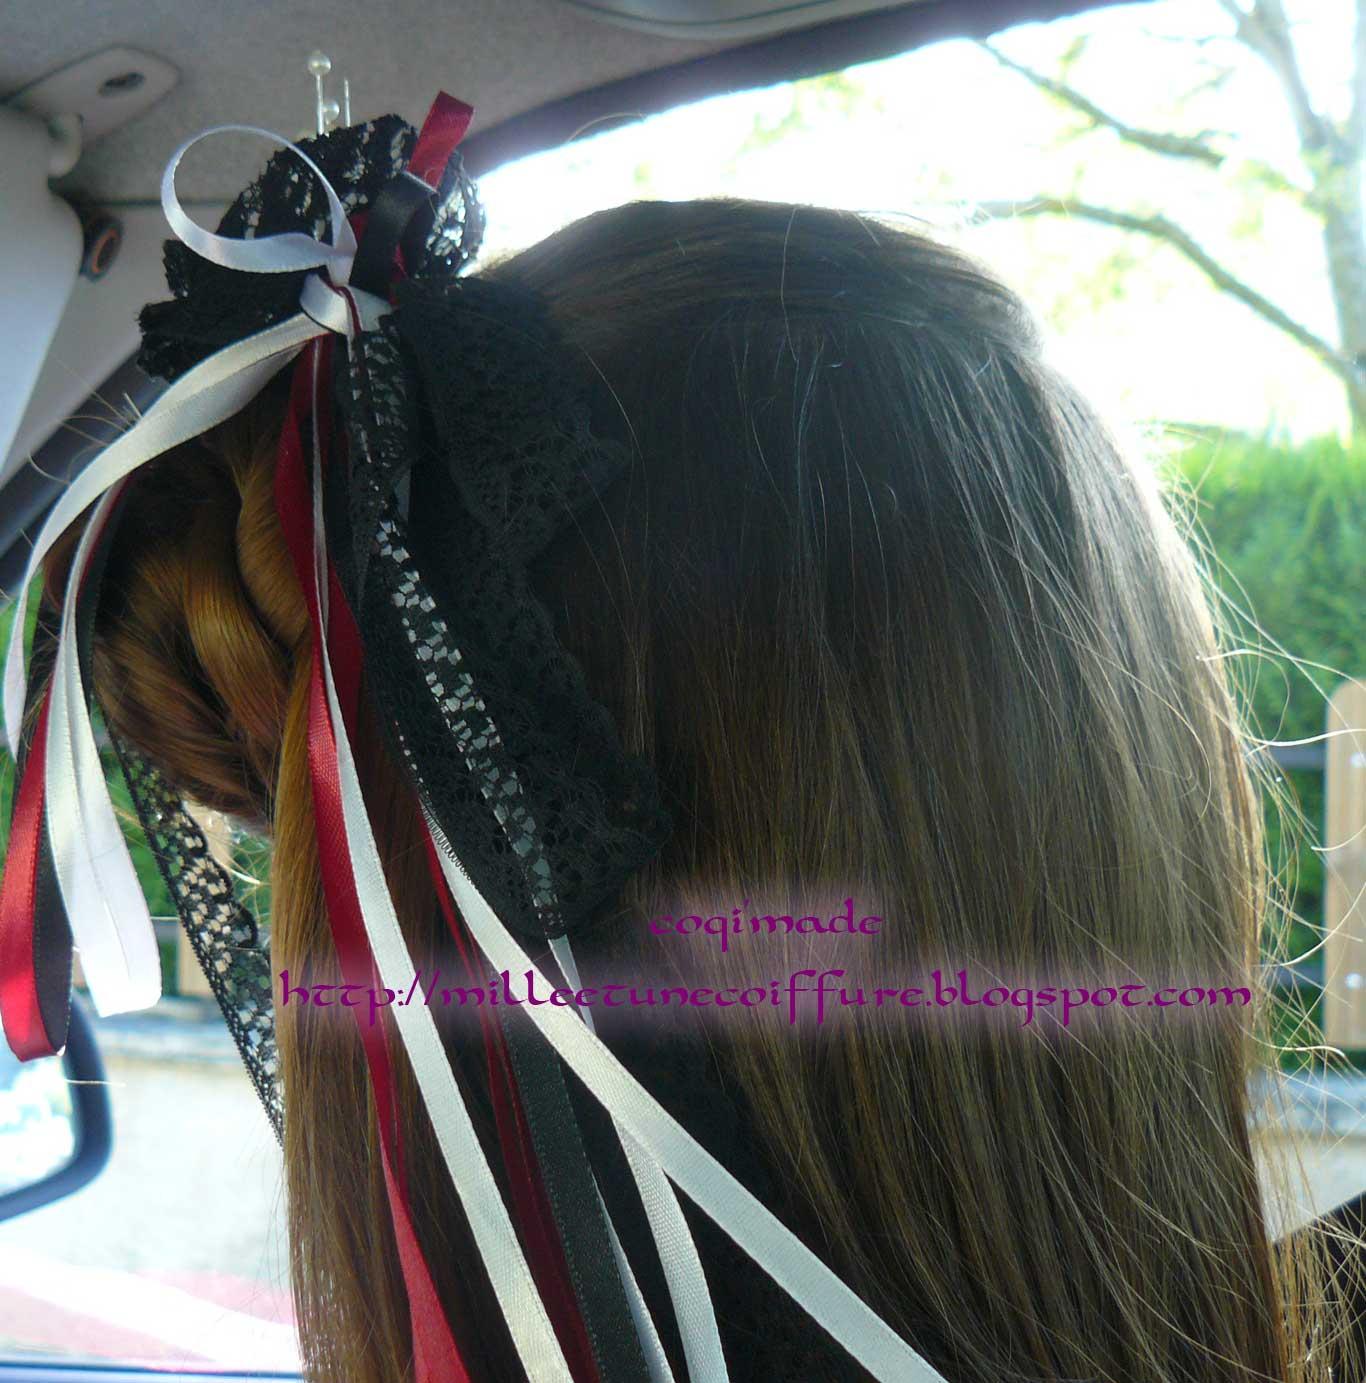 1001 coiffures: Tutoriel du petit chignon tressé sur le côté